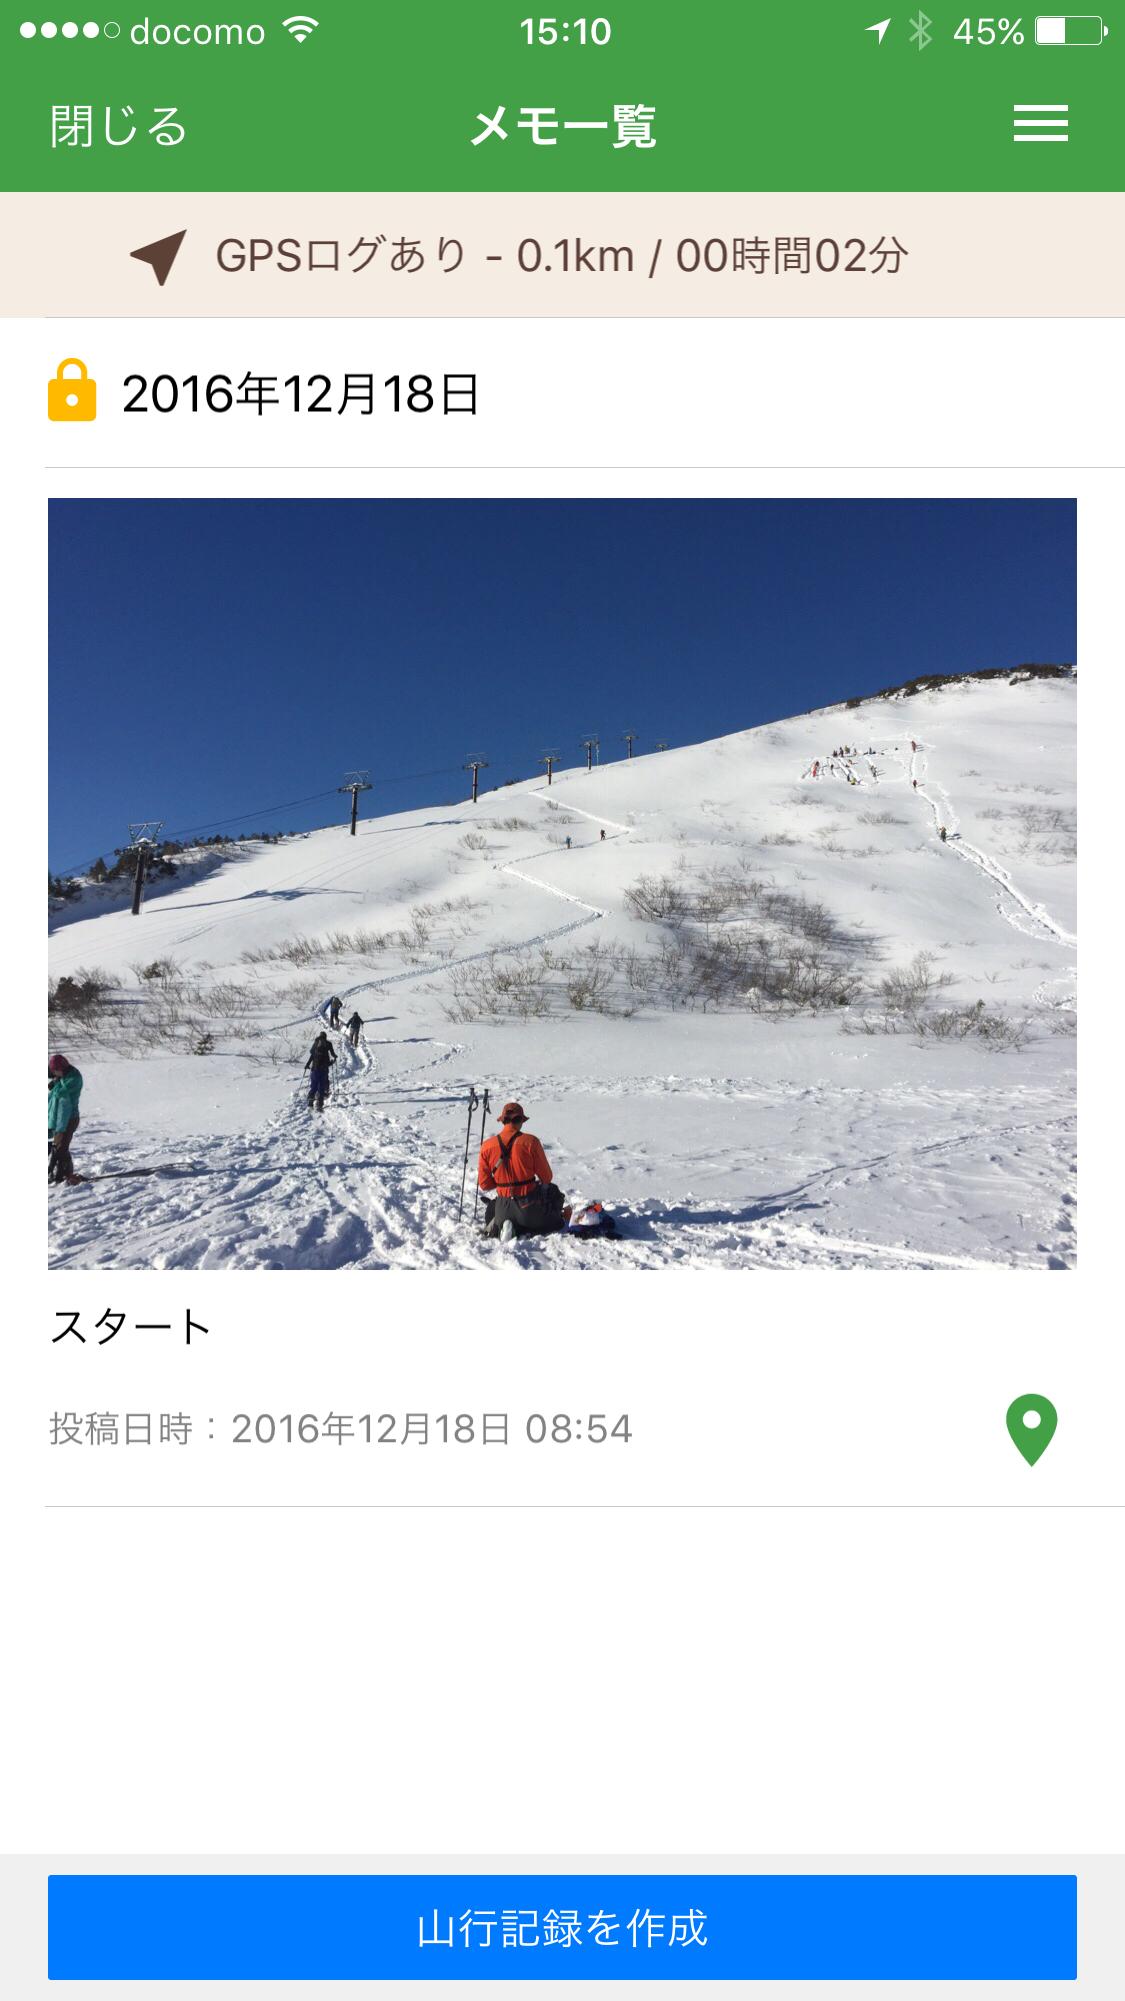 登山メモから山行記録を作成します